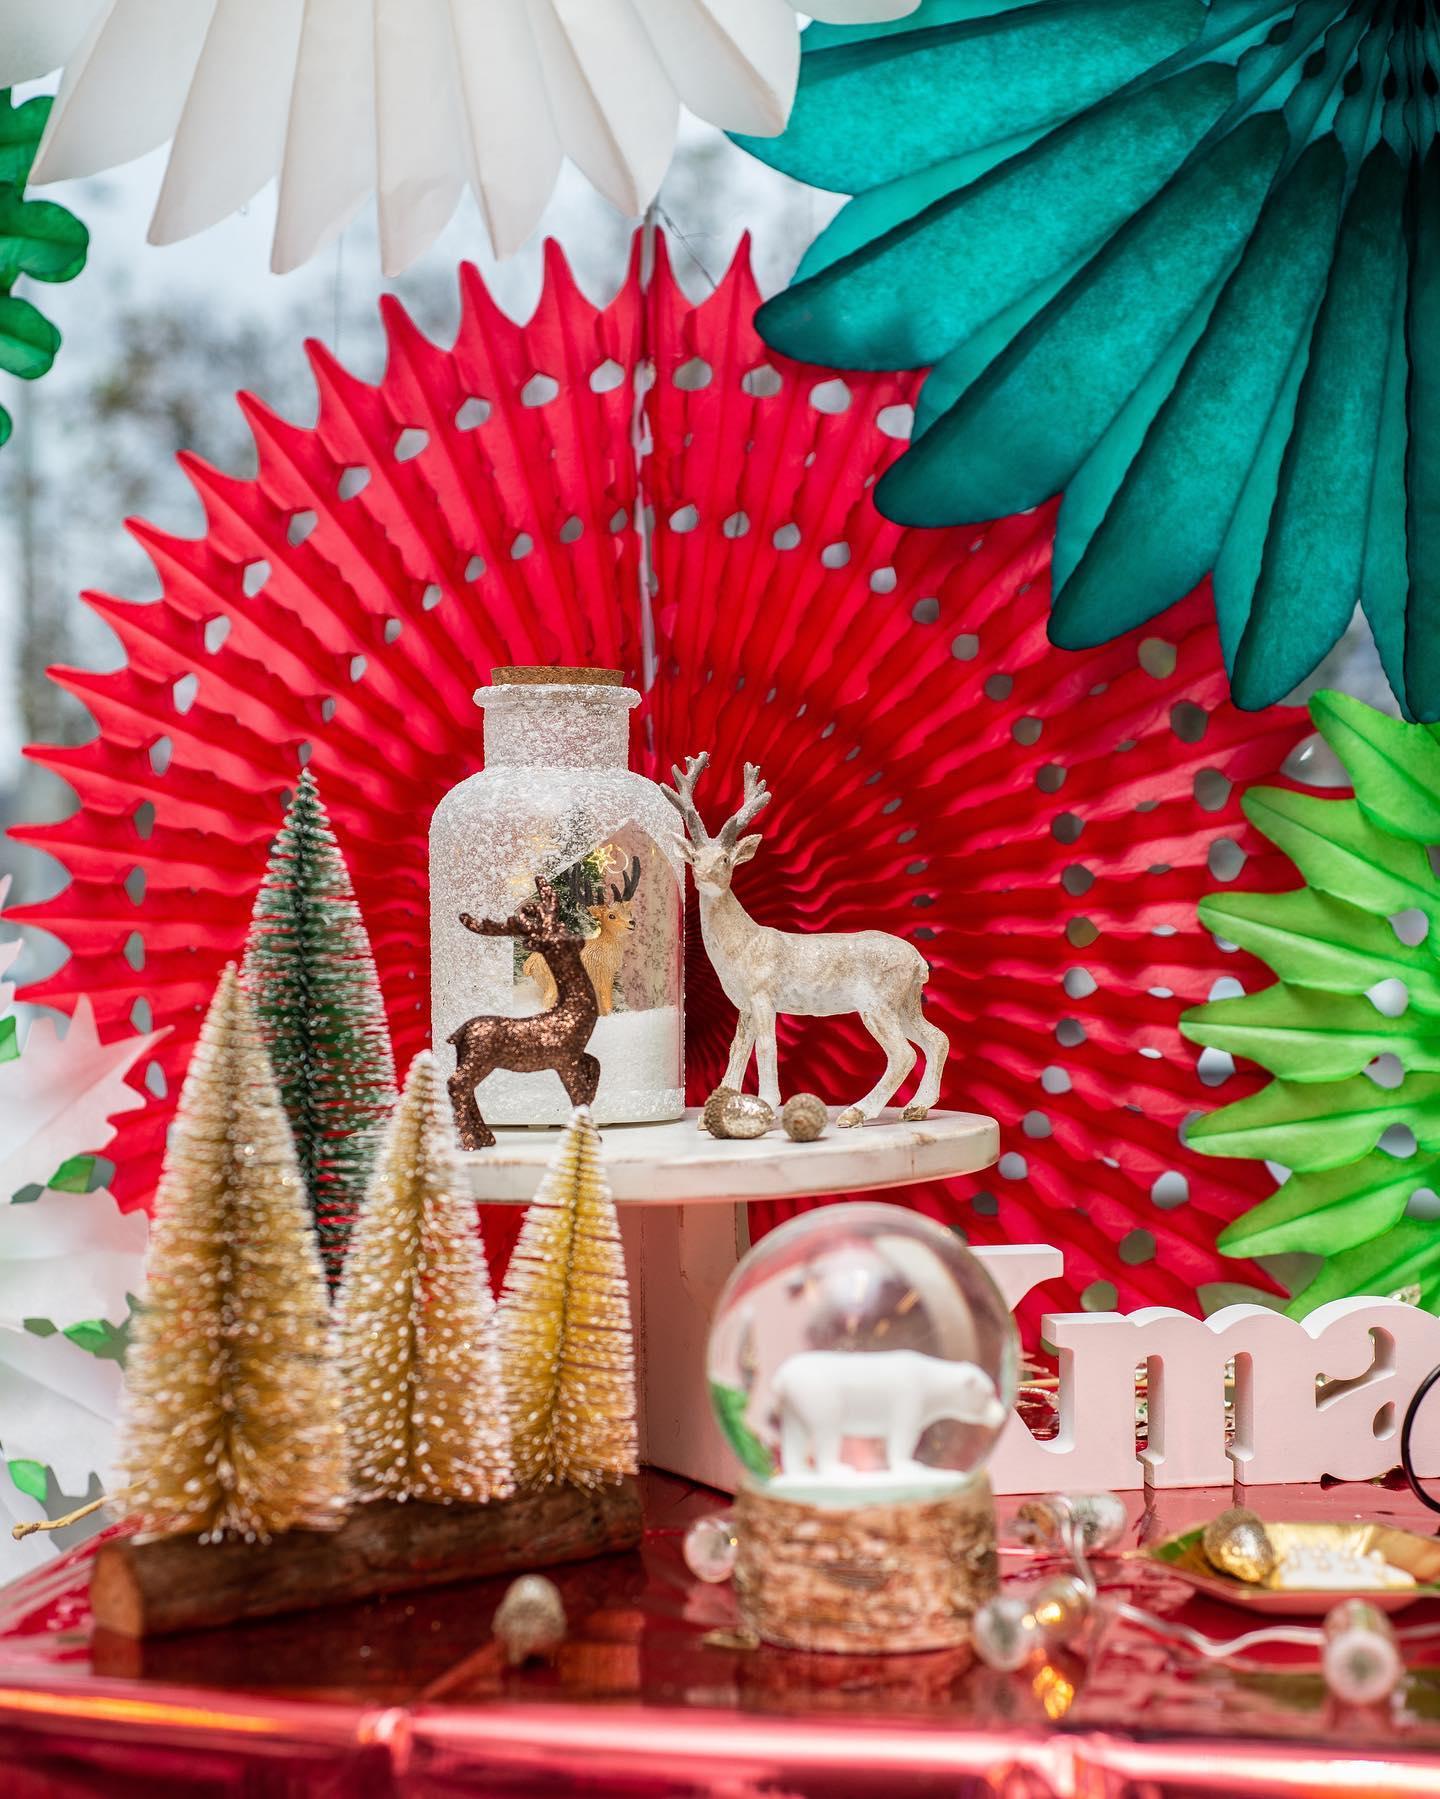 Kas te juba kaunistate oma kodu ja kuulate jõulumuusikat?